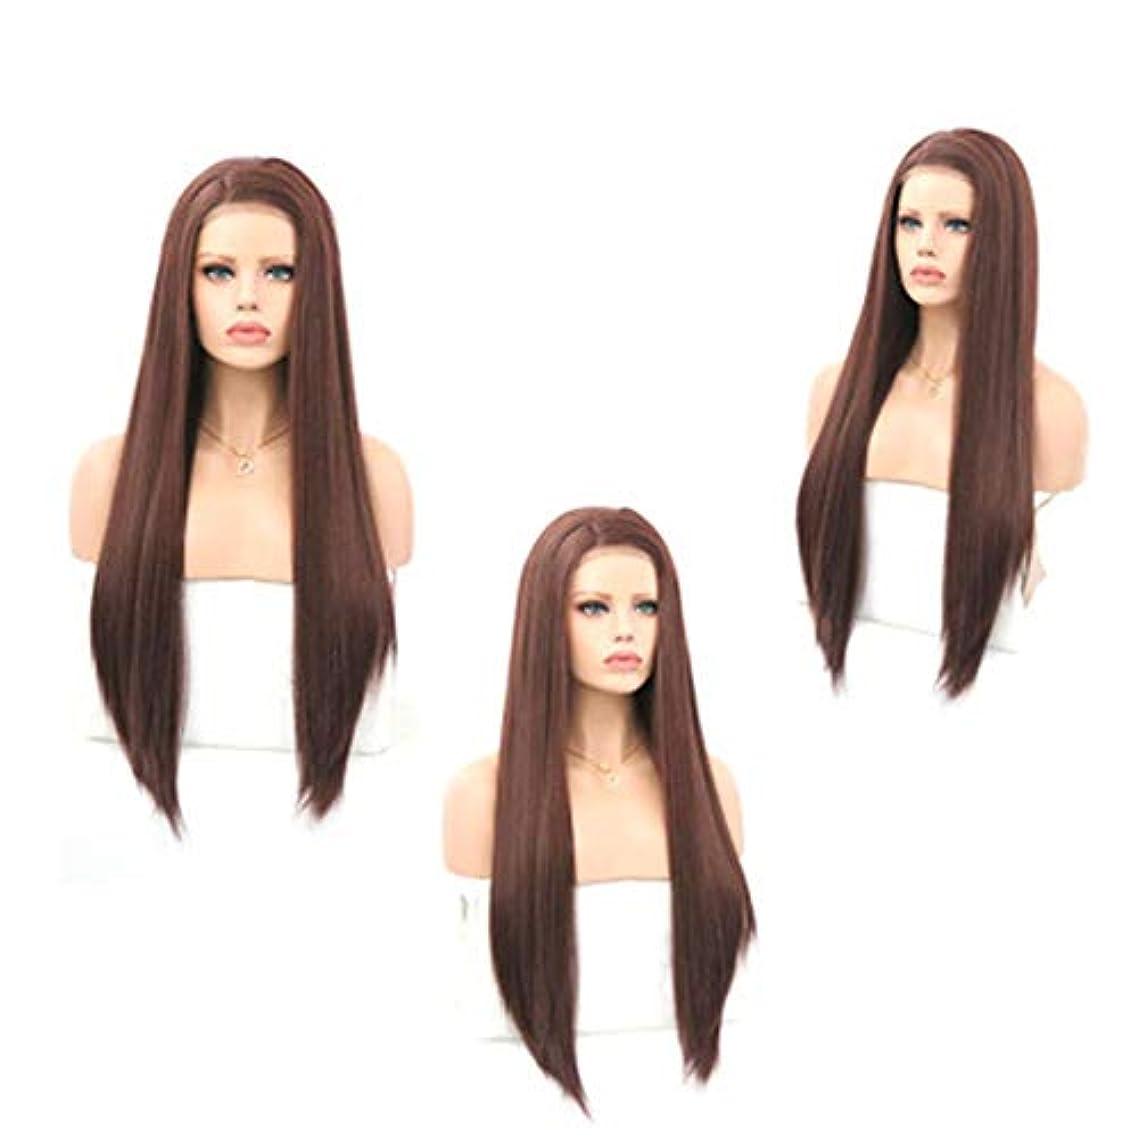 励起クモビーズZXF 茶色の女性のフロントレースの化学繊維かつらヘッドギア高温シルク半手の長いストレートの髪にフック 美しい